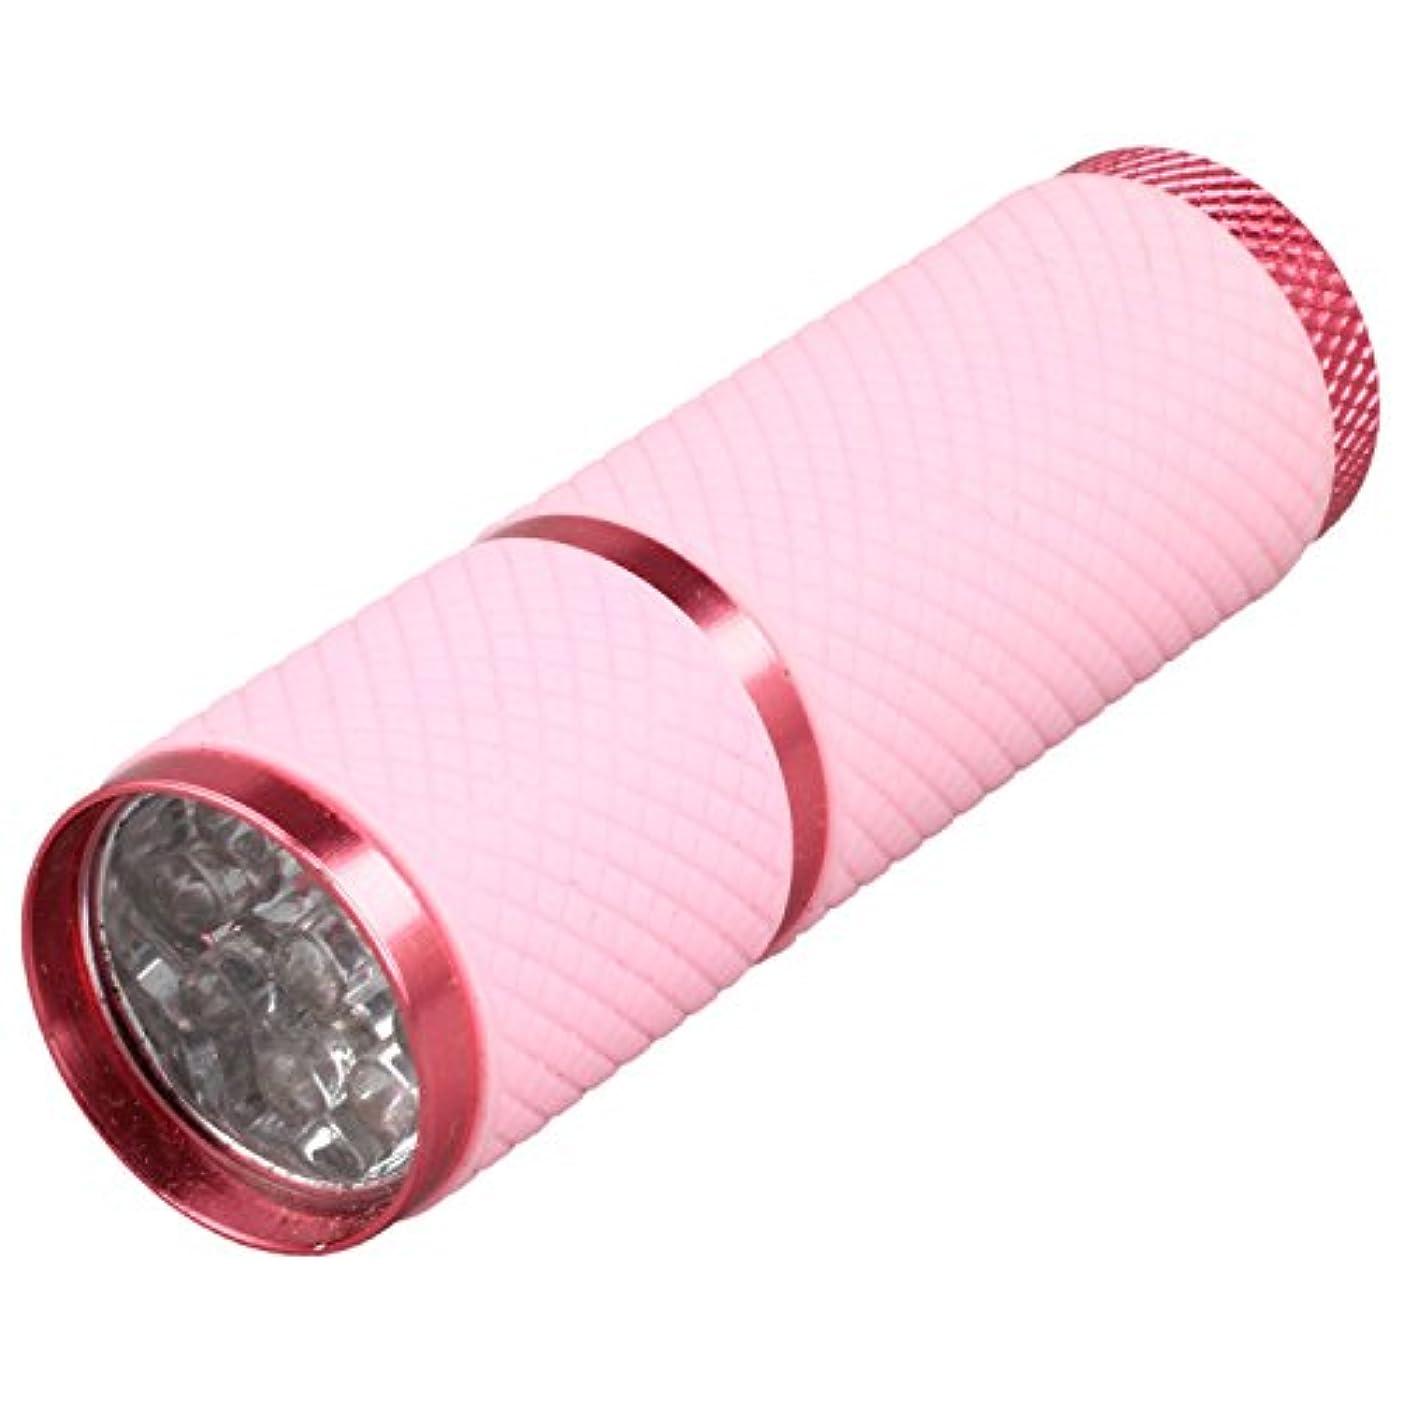 面リンクバブルSODIAL 1個 ミニ9 LED Uv ゲル硬化ランプ バッテリーなし 携帯性ネイルドライヤー LEDフラッシュライト通貨検出器 アルミニウム合金 ピンクカラー